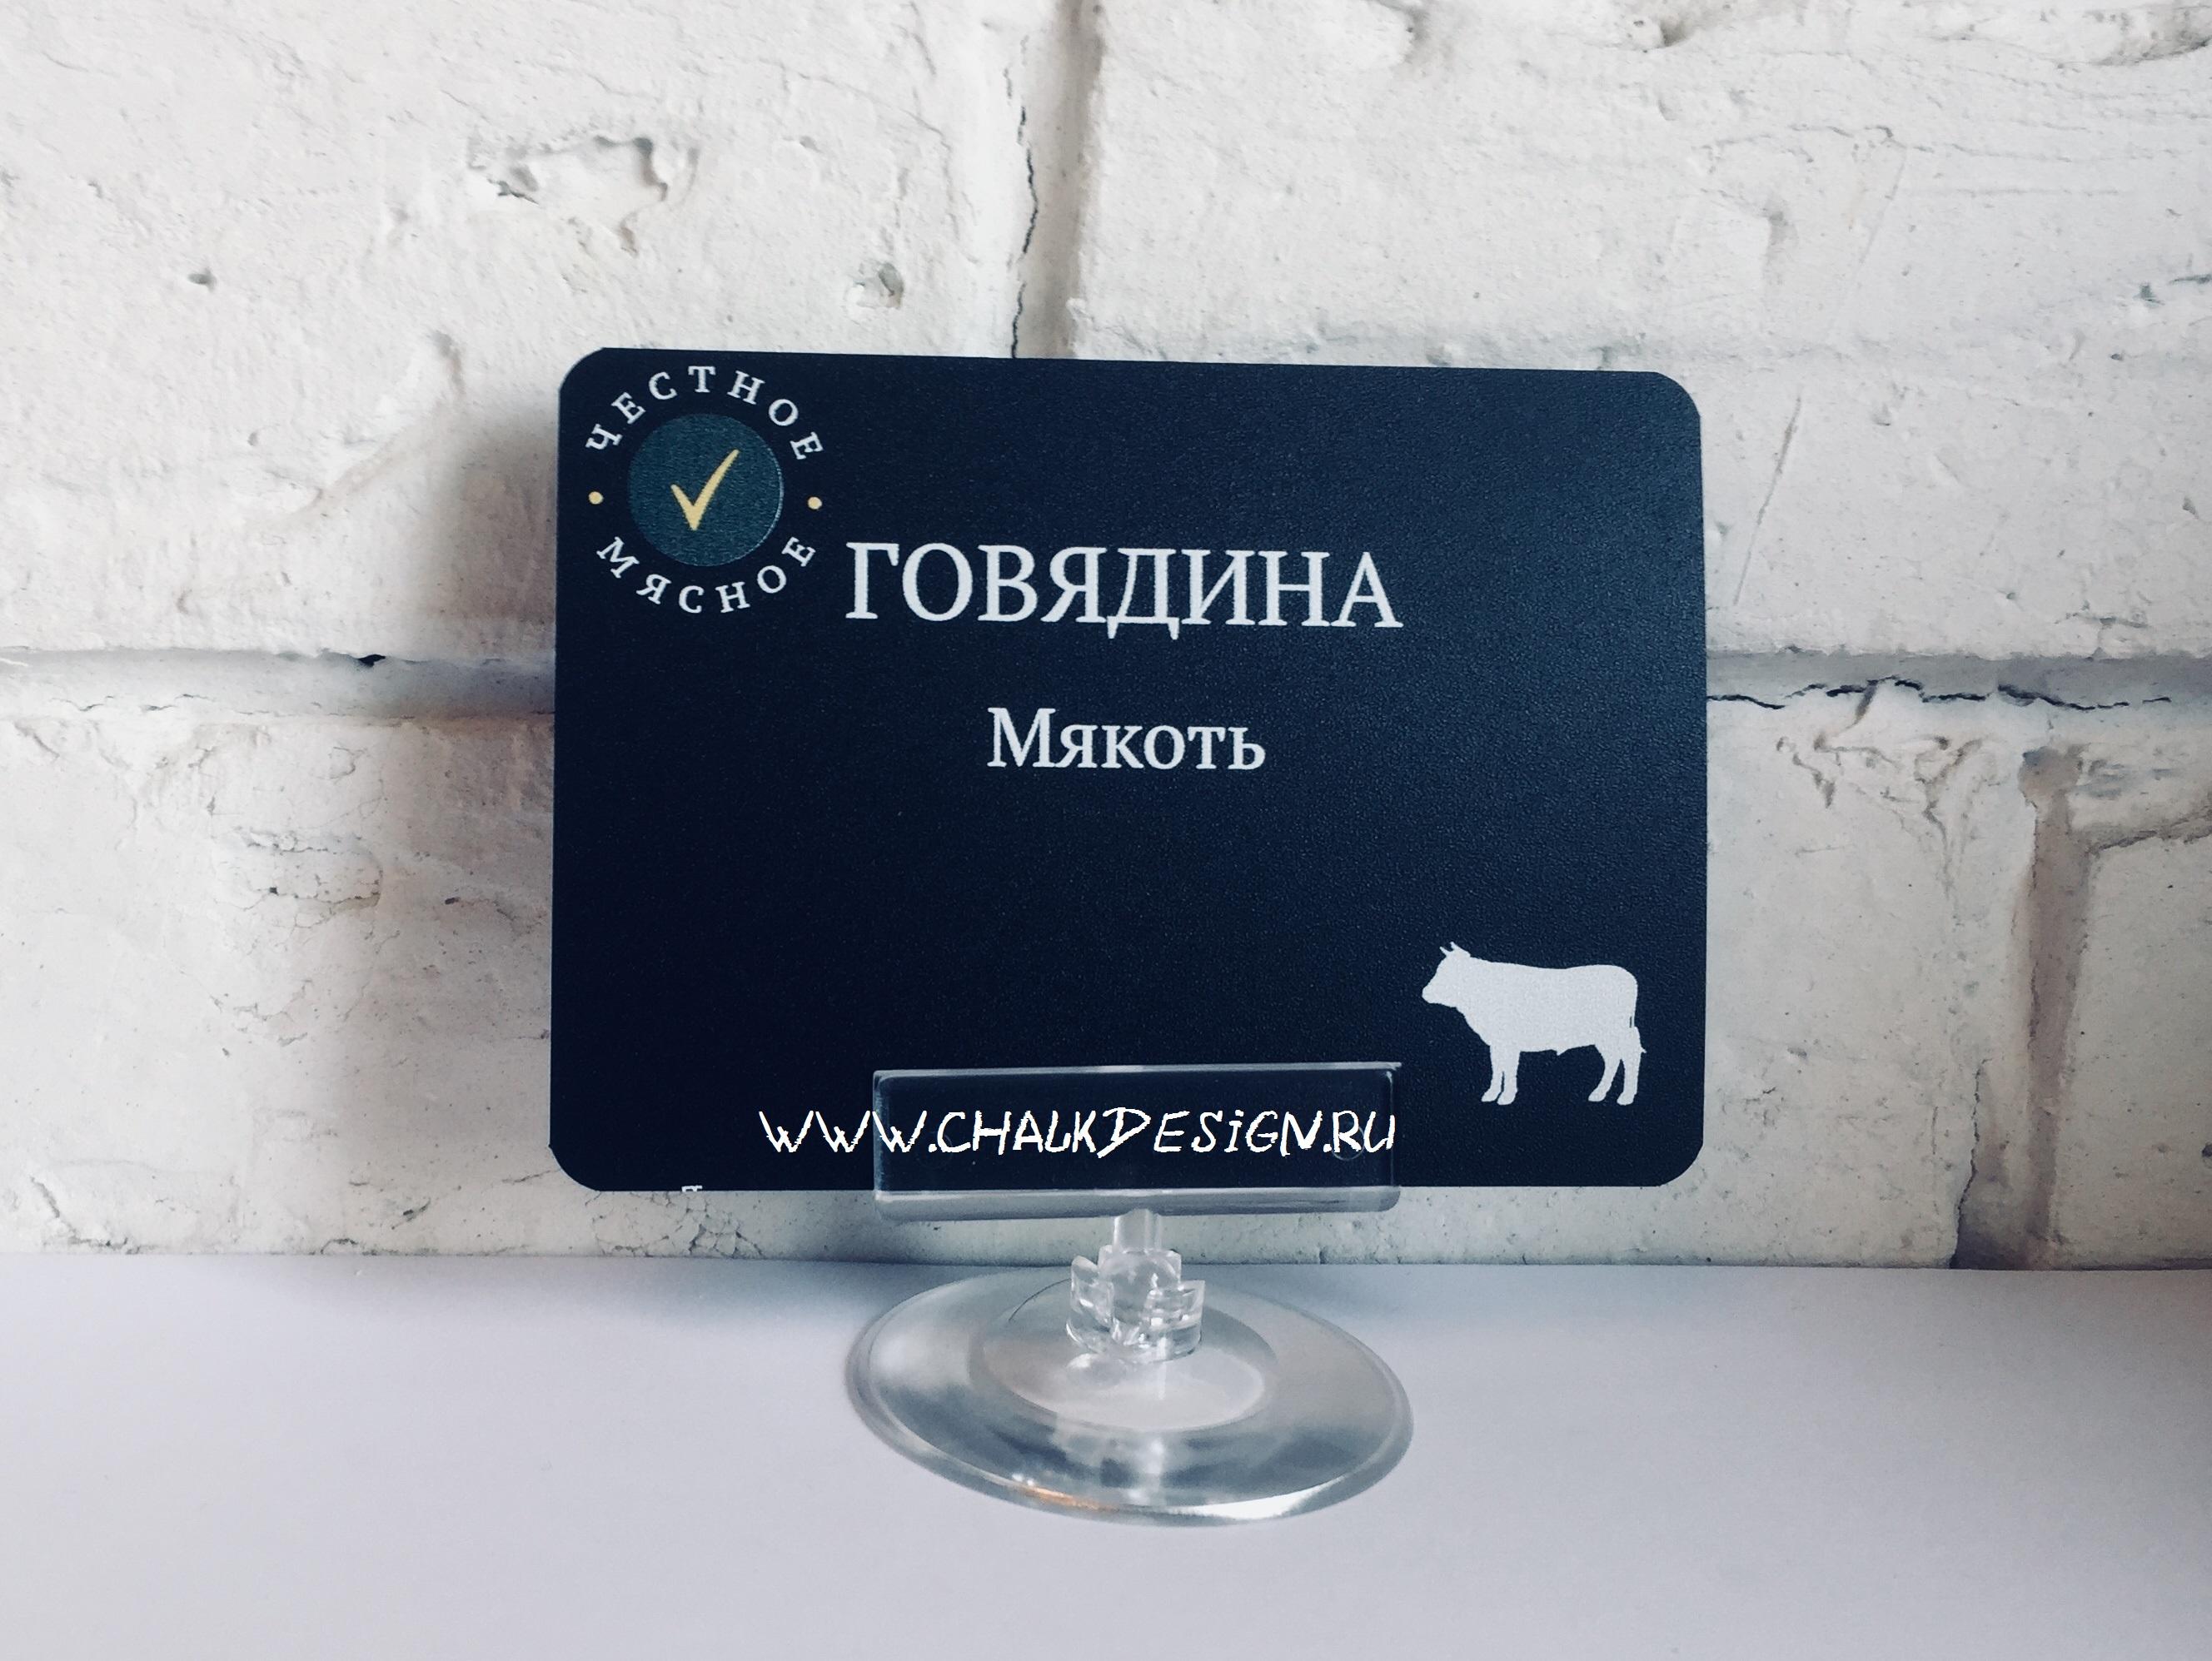 Меловой ценник с надписью Честное Мясное Говядина.jpg